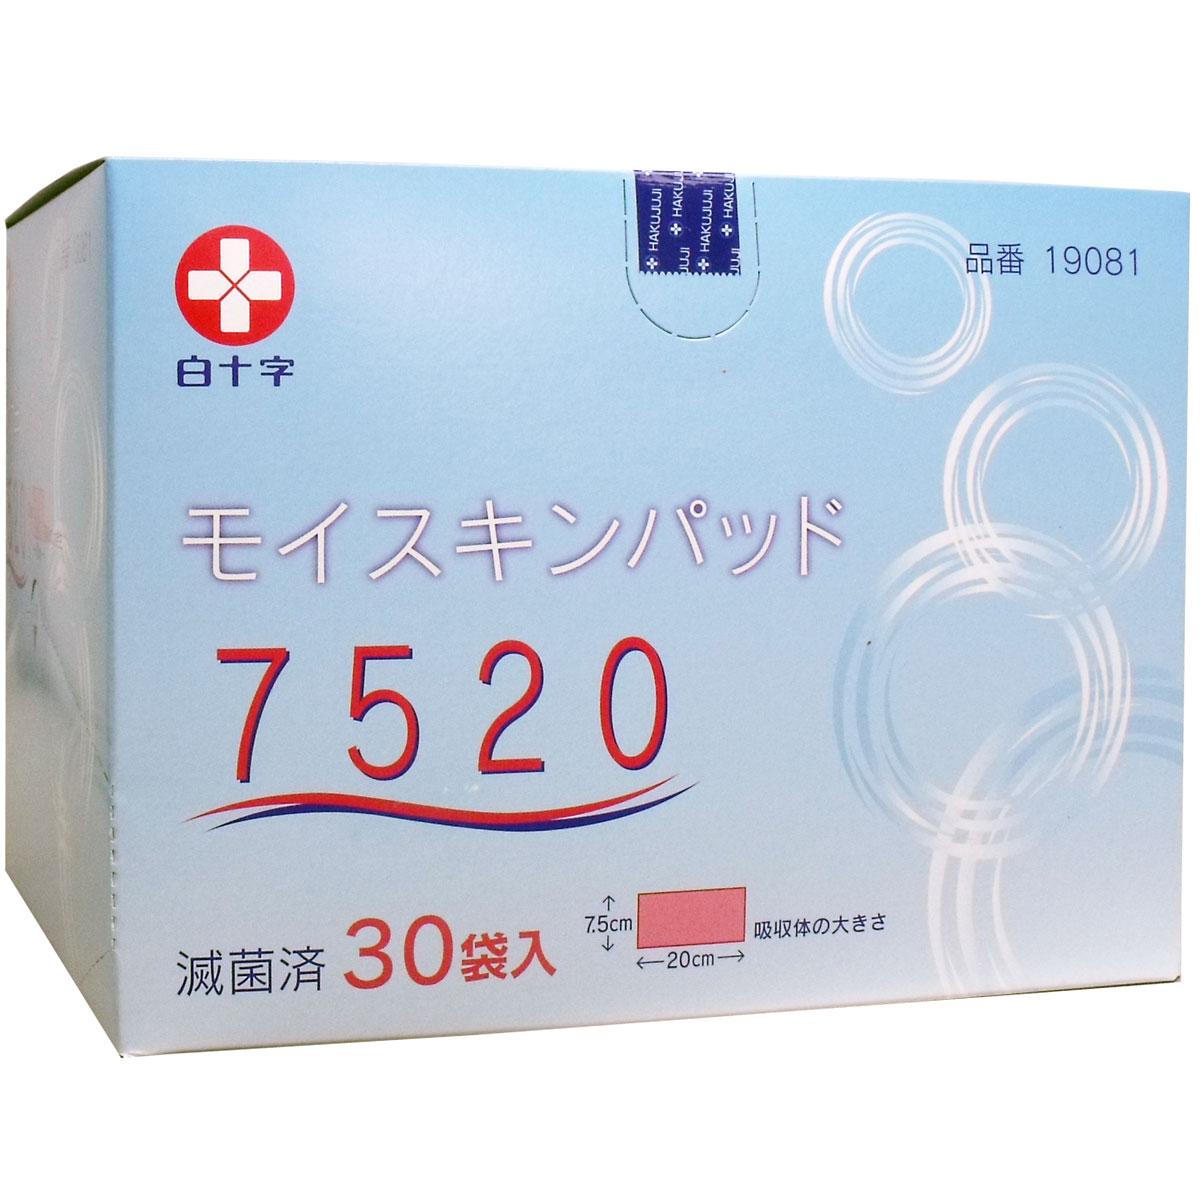 白十字 モイスキンパッド7520 滅菌済 30袋入